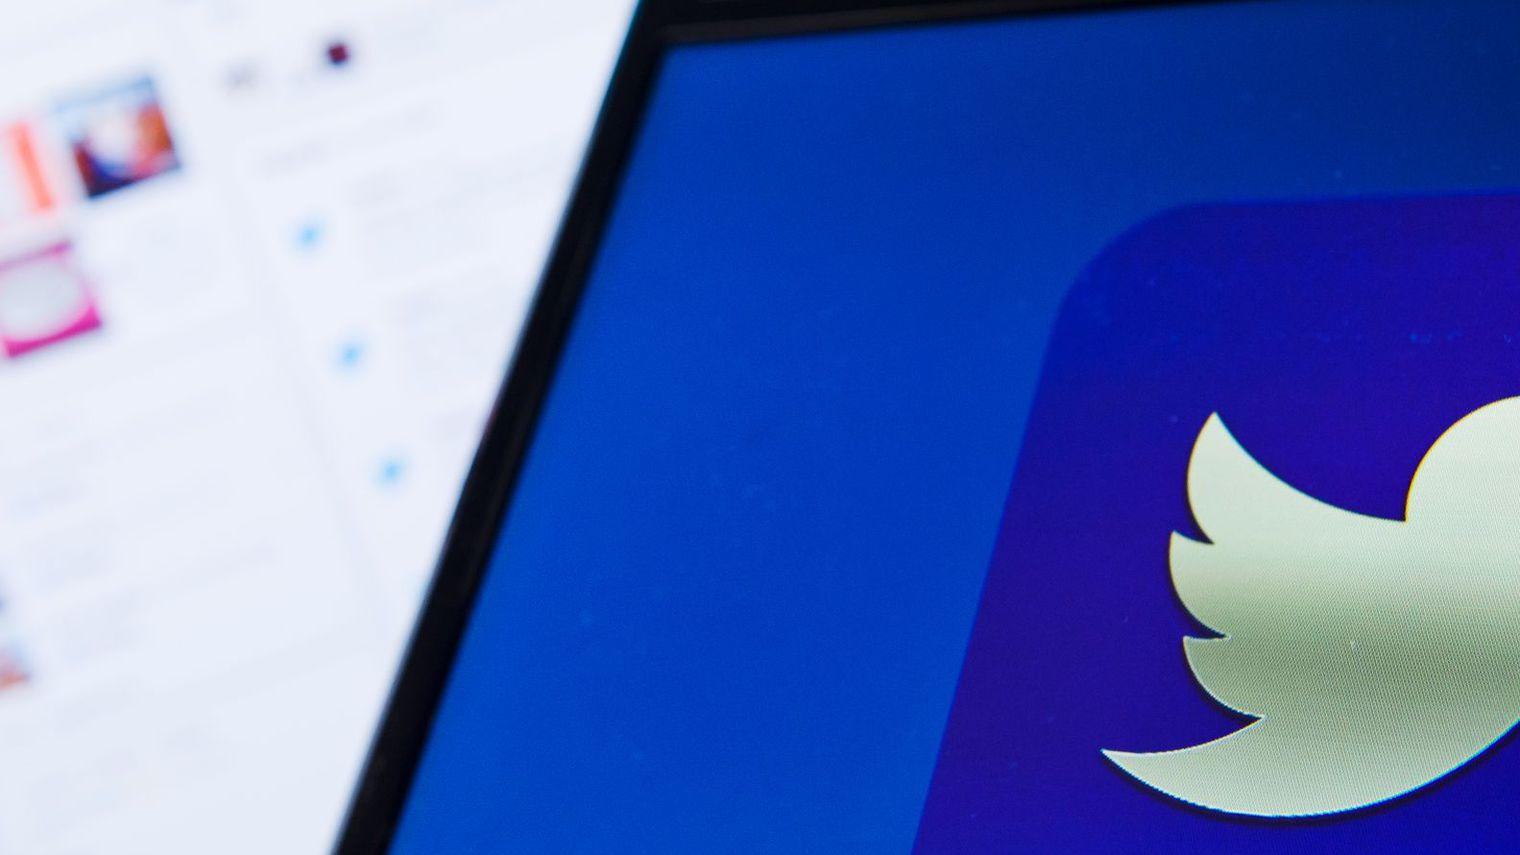 les-twictees-des-dictees-sur-twitter-reinventent-l-exercice-tant-redoute-de-la-dictee-en-version-2-0_5174495